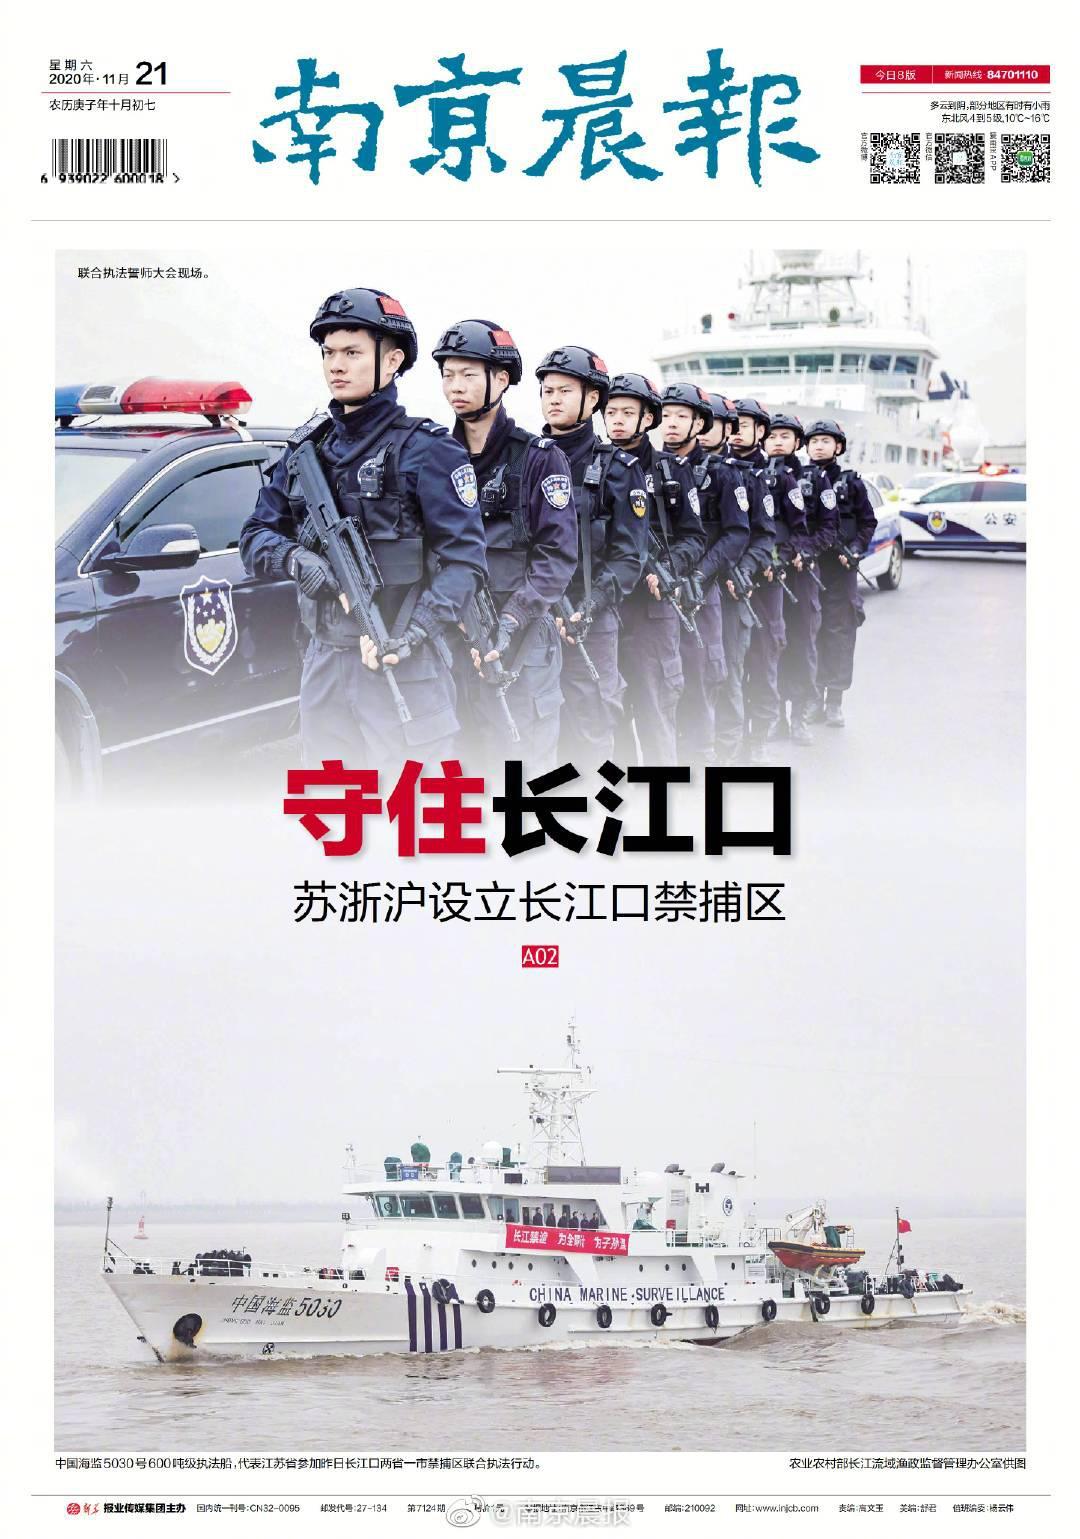 防控不放松,重视不恐慌!!南京晨报11月21日电子版